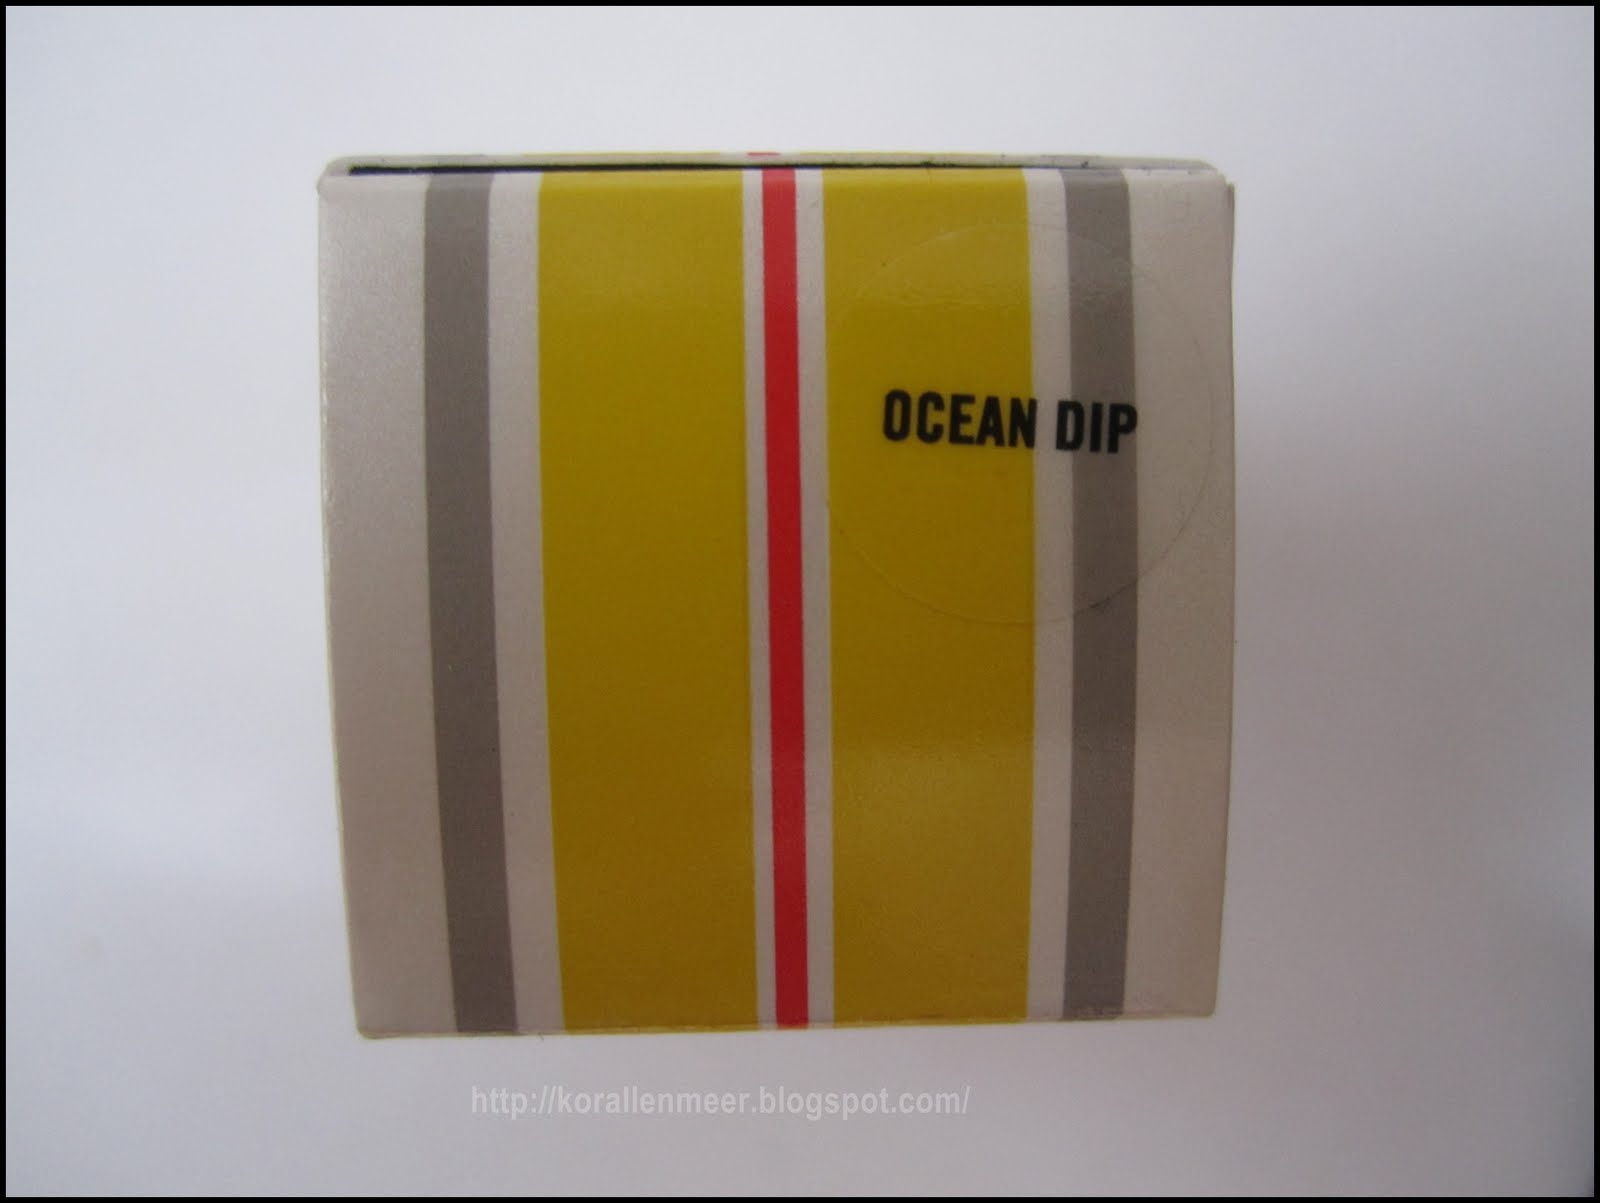 KorallenMeer: [Swatch] MAC Surf Baby LE Nagellack Ocean Dip